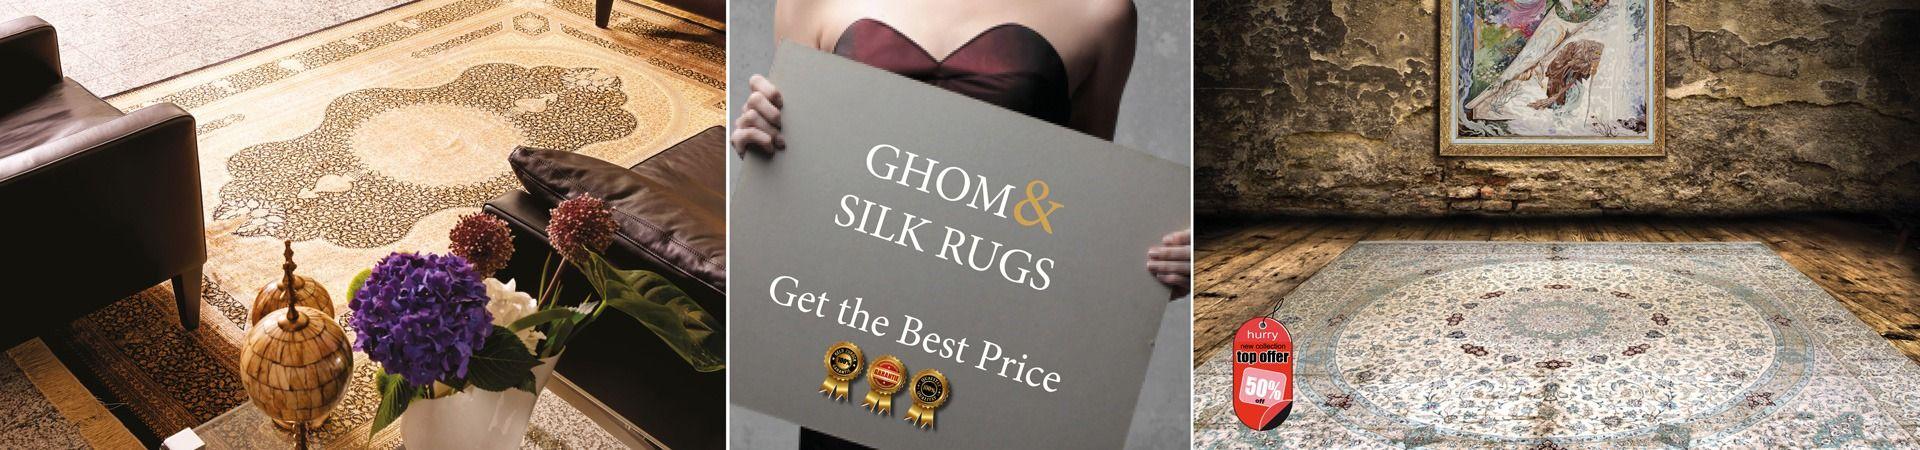 Ghom Silk